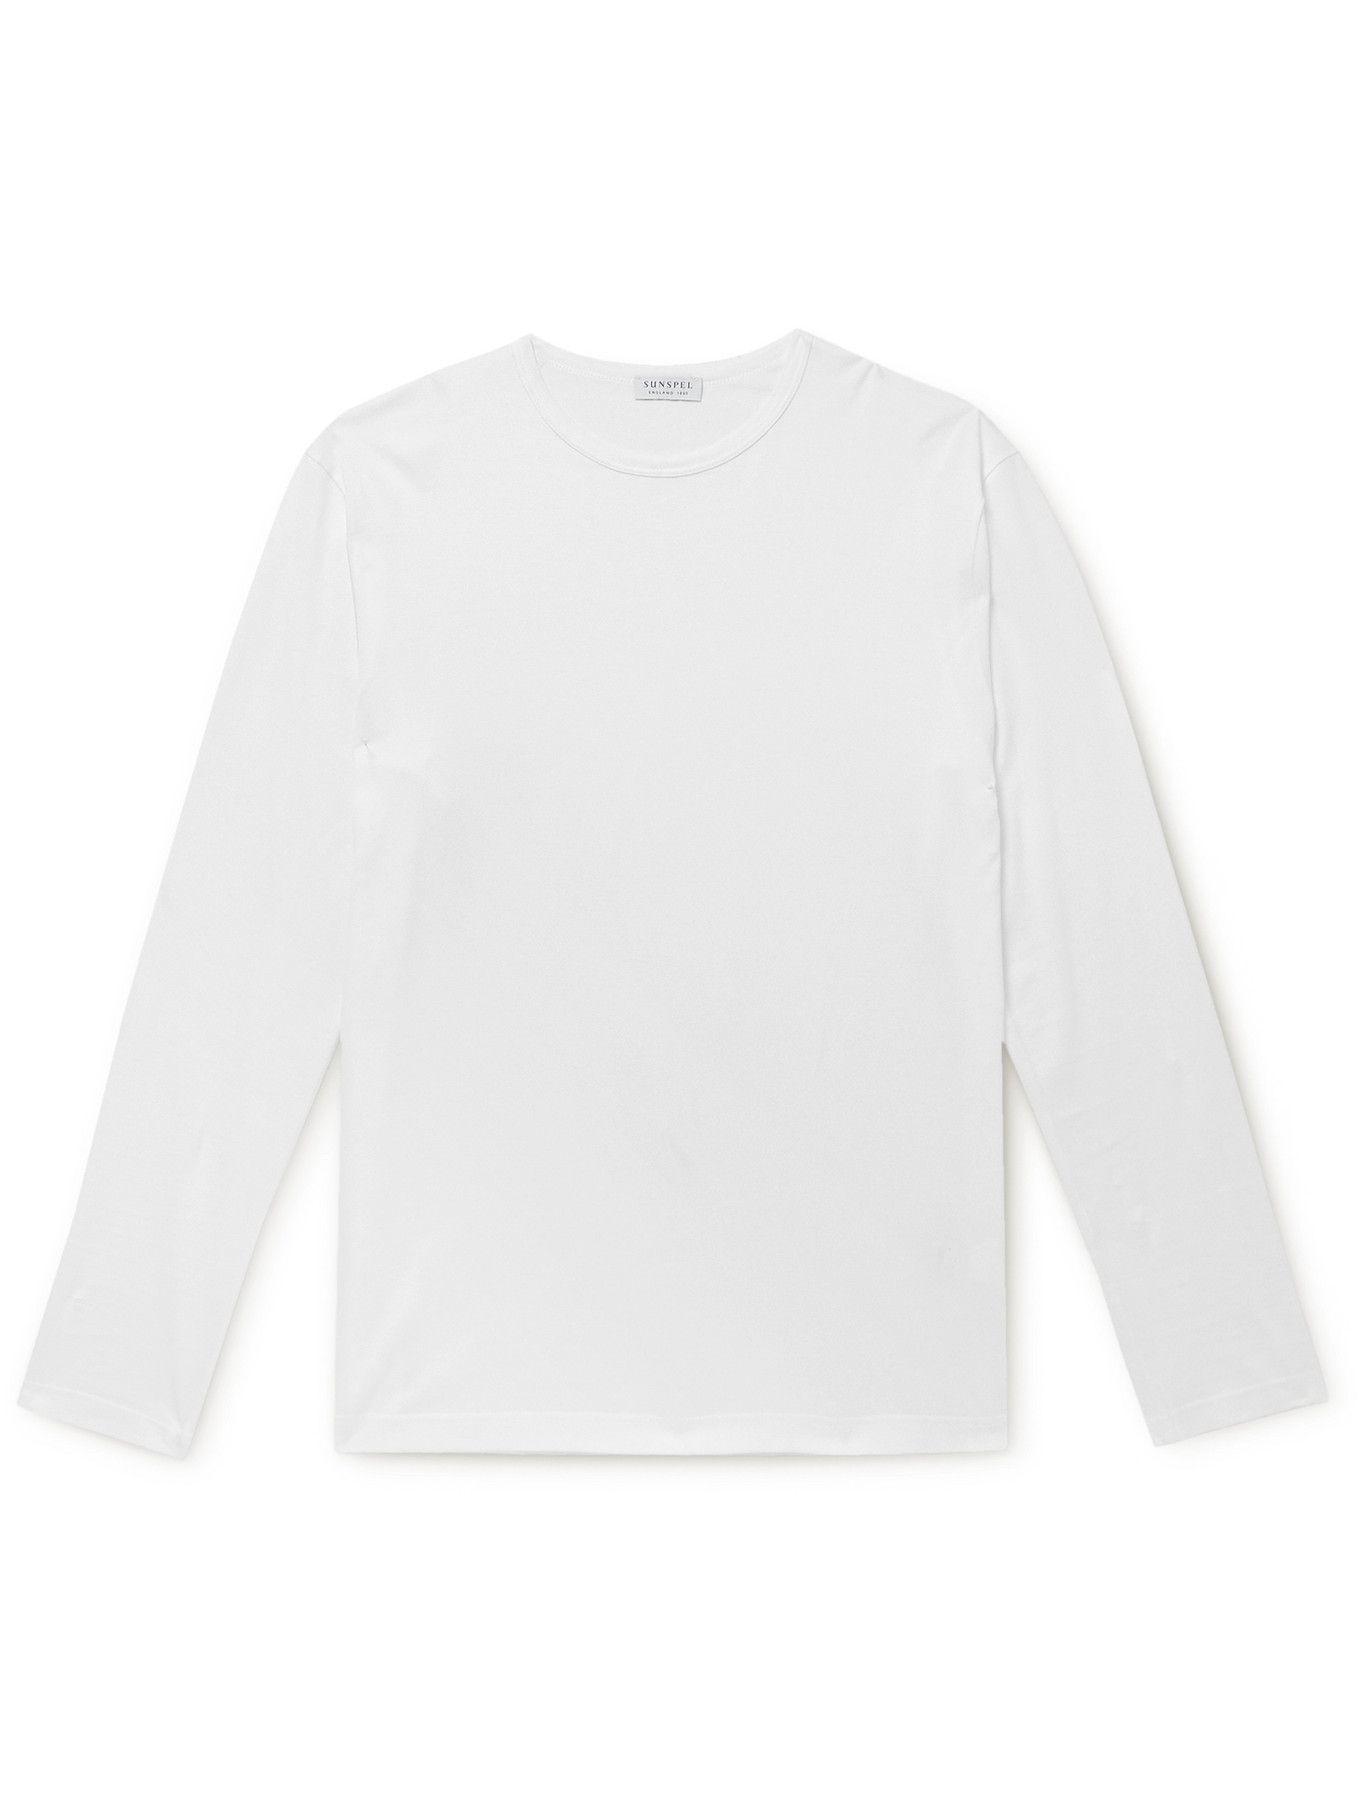 Photo: SUNSPEL - Pima Cotton-Jersey T-Shirt - White